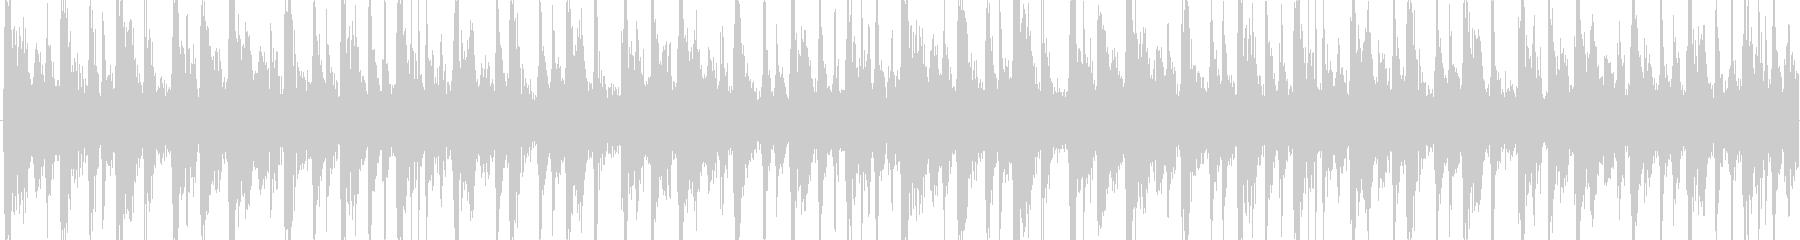 おしゃれなハウス系。ほのぼのした雰囲気の未再生の波形